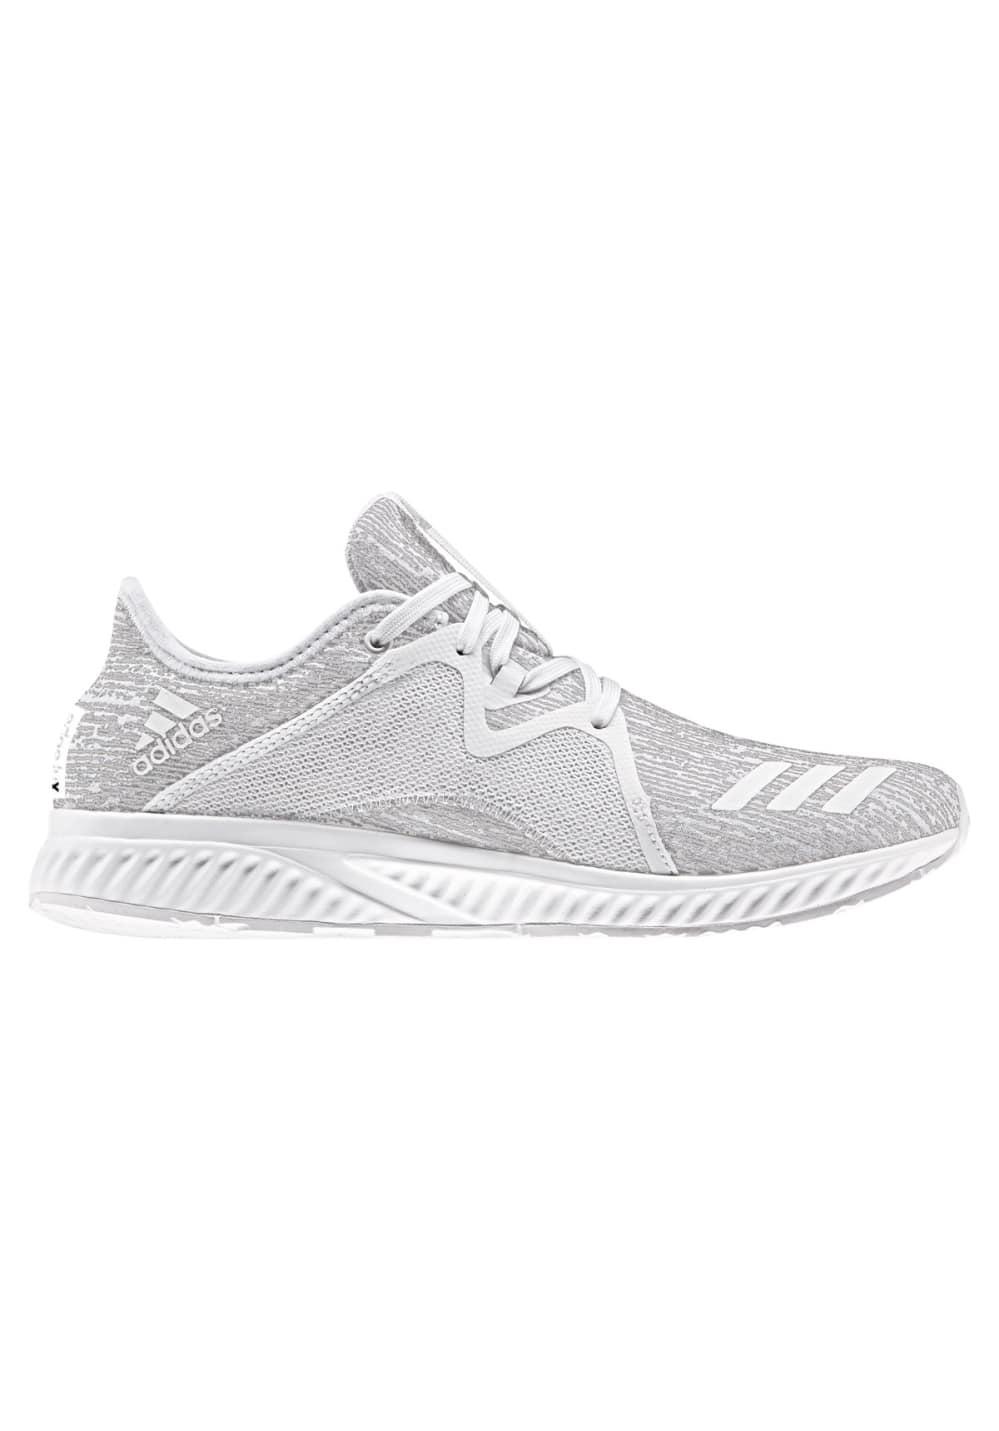 quality design c3e88 4b8b5 Next. -60%. Este producto está agotado en este momento. adidas. Edge Lux  2.0 - Zapatillas de running para Mujer